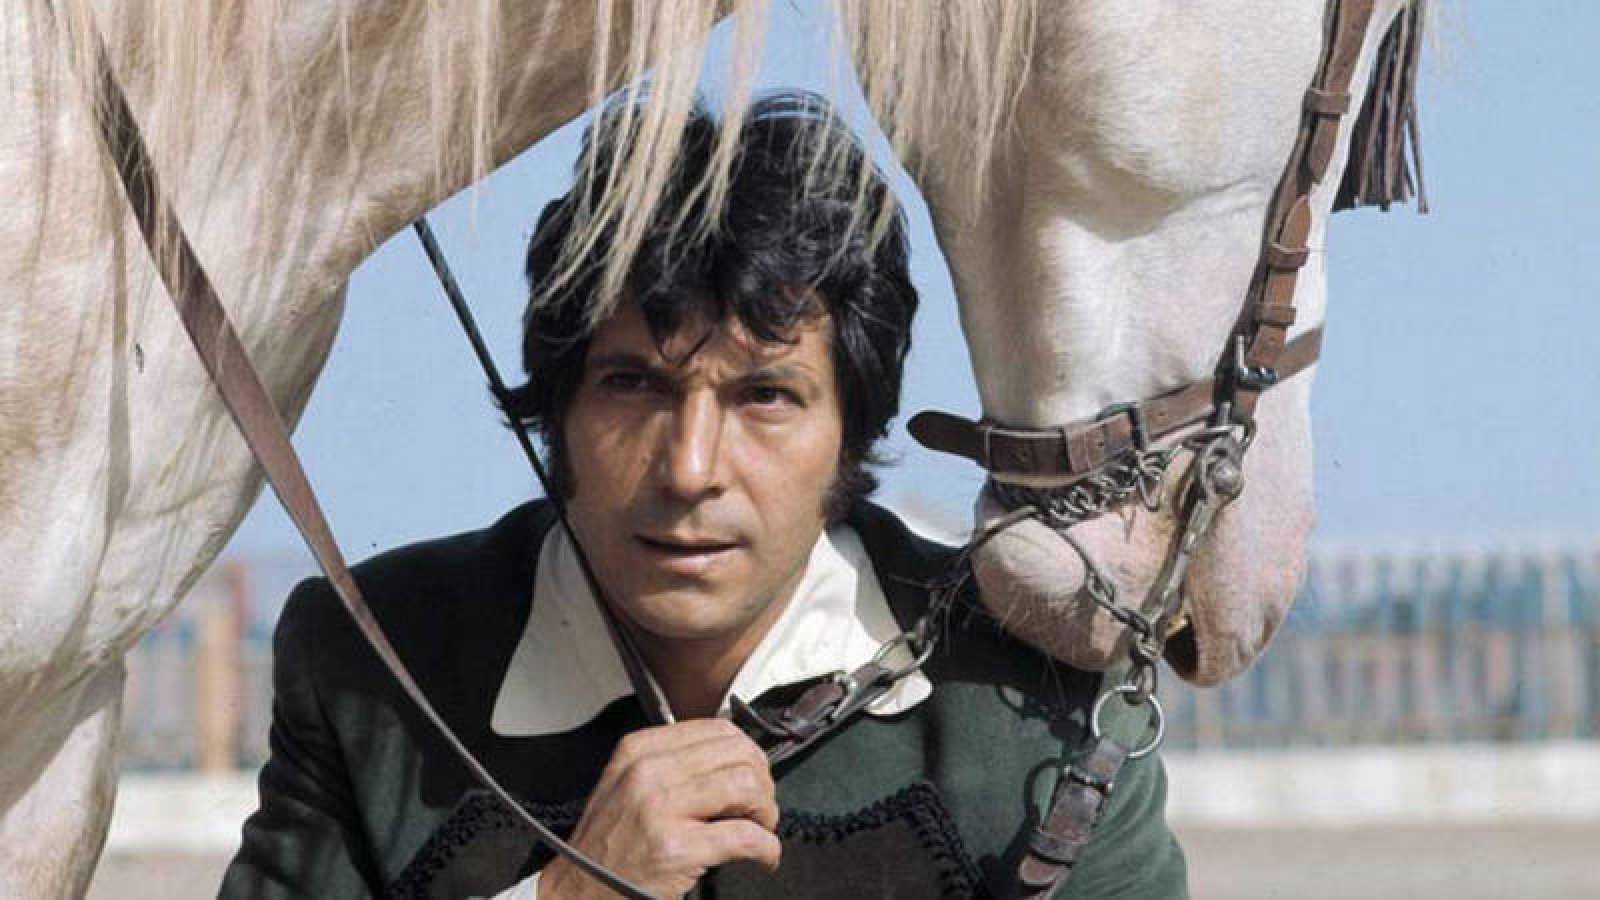 'Memoria de delfín' y la serie de TVE 'Curro Jiménez'